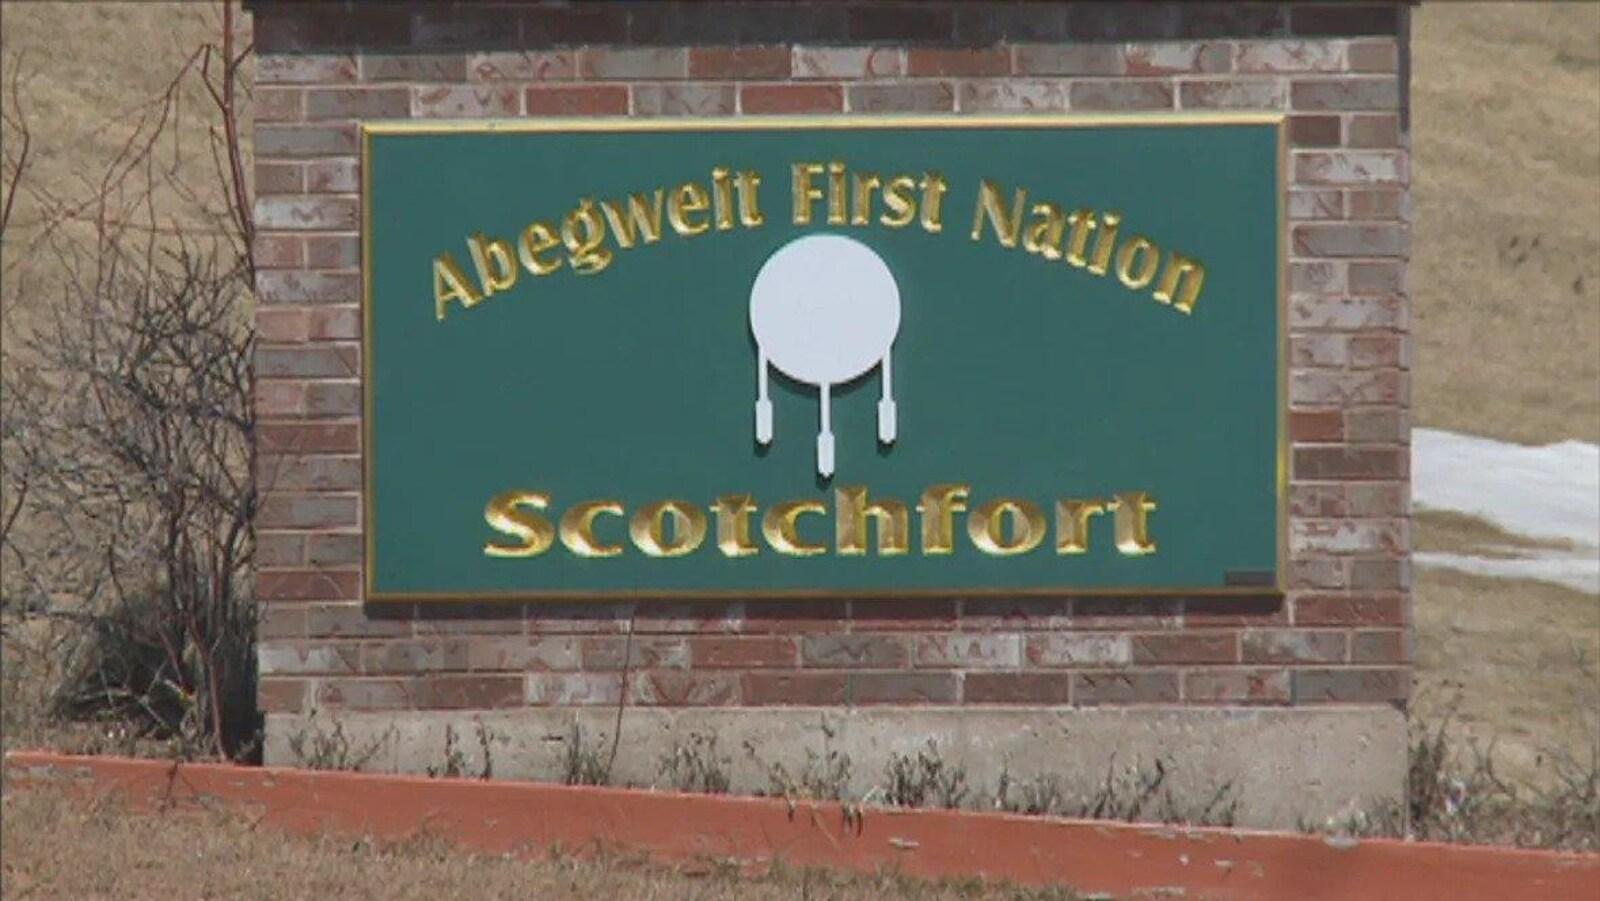 Affiche identifiant la réserve de Scotchfort.